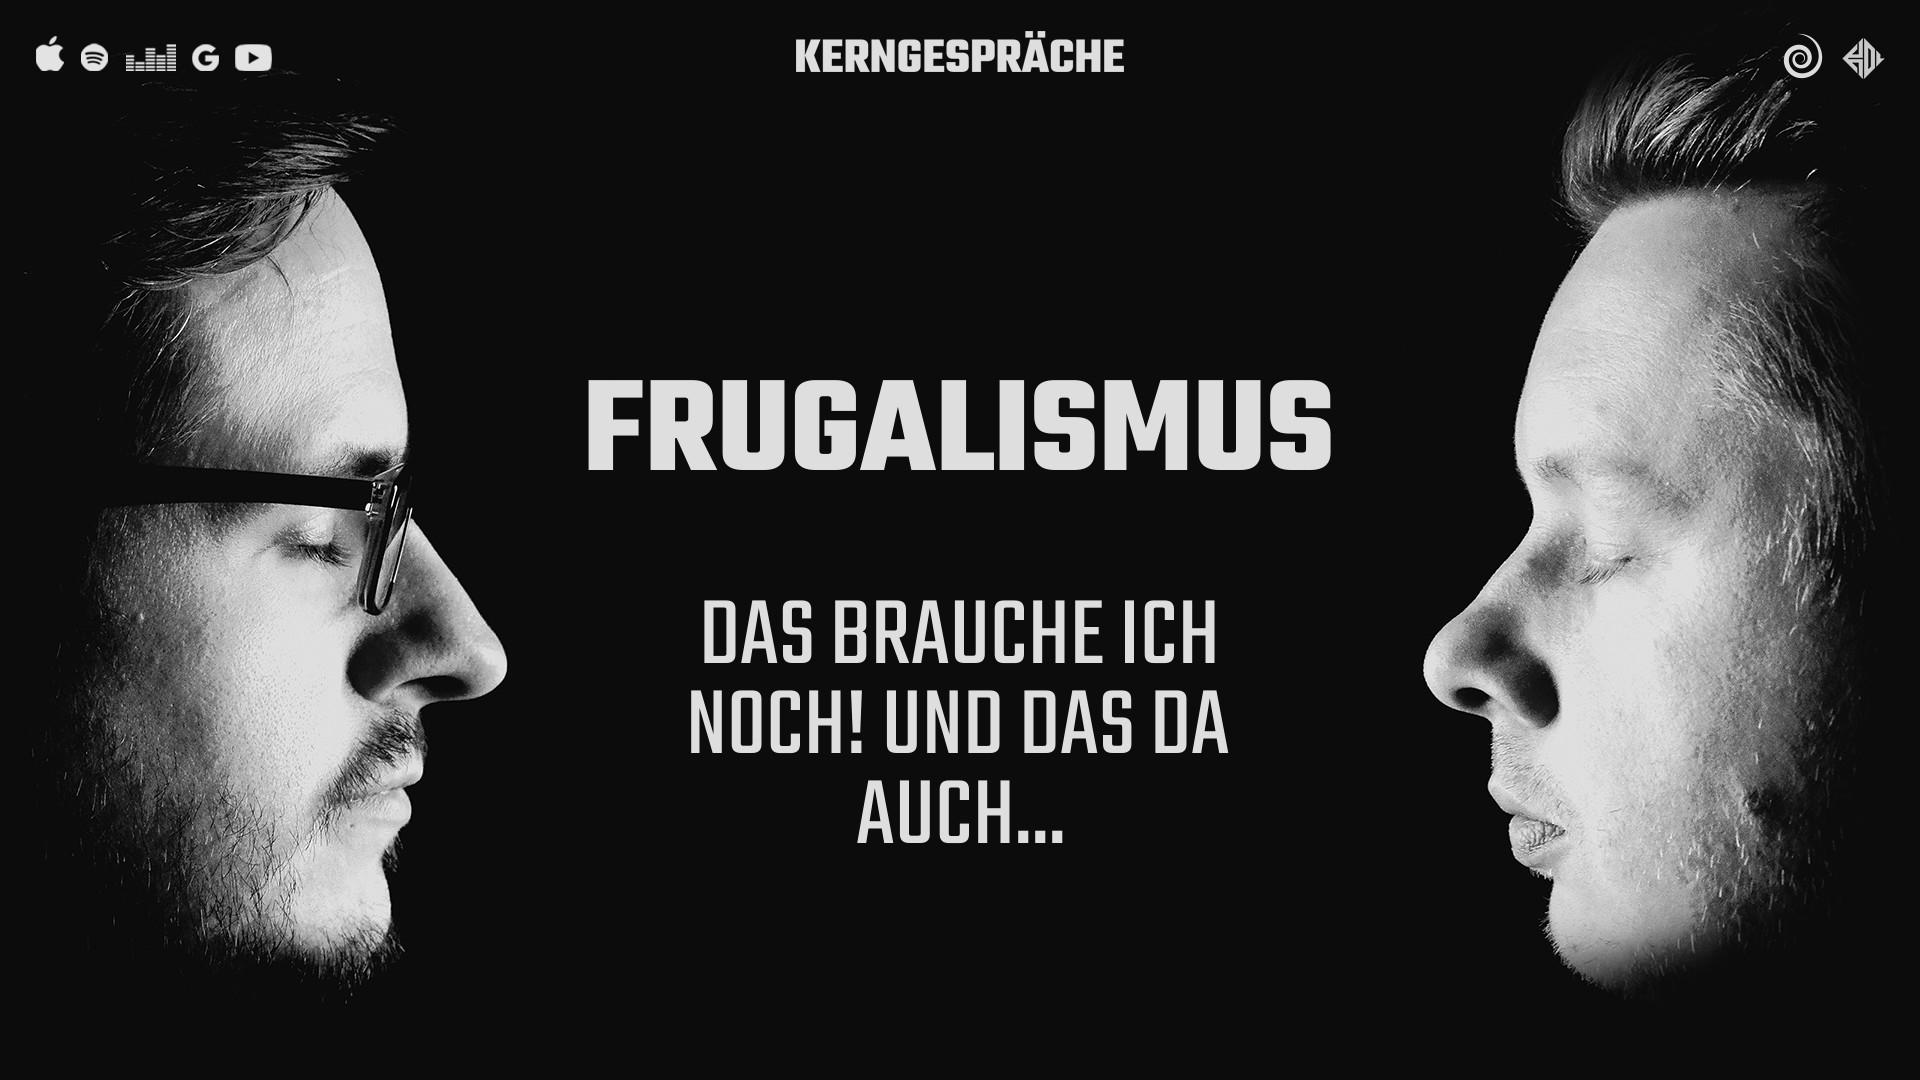 Frugalismus: Das brauche ich noch! Und das da auch...